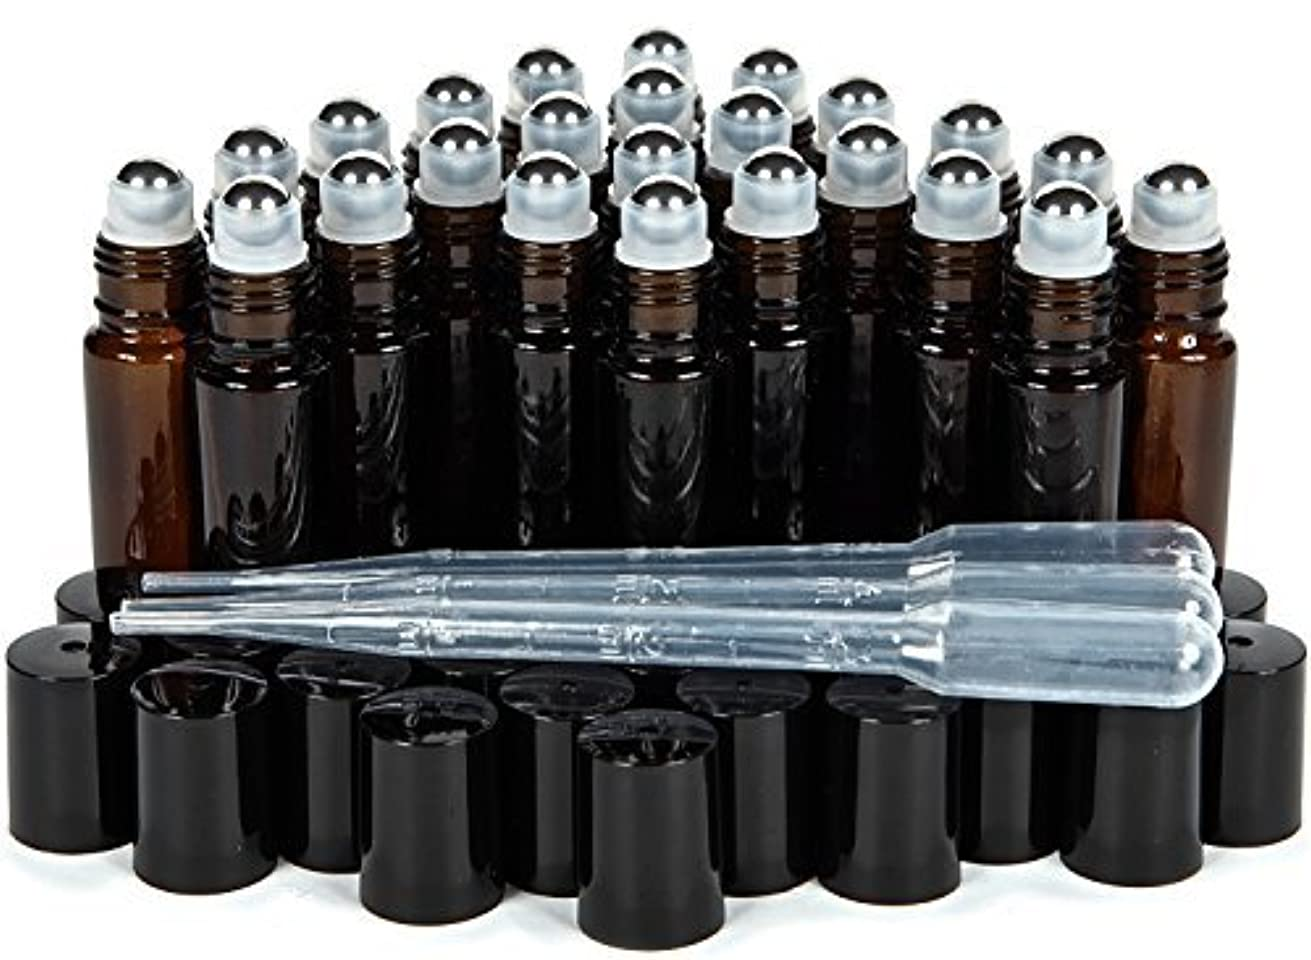 毎年どういたしまして入るVivaplex, 24, Amber, 10 ml Glass Roll-on Bottles with Stainless Steel Roller Balls. 3-3 ml Droppers included [並行輸入品]